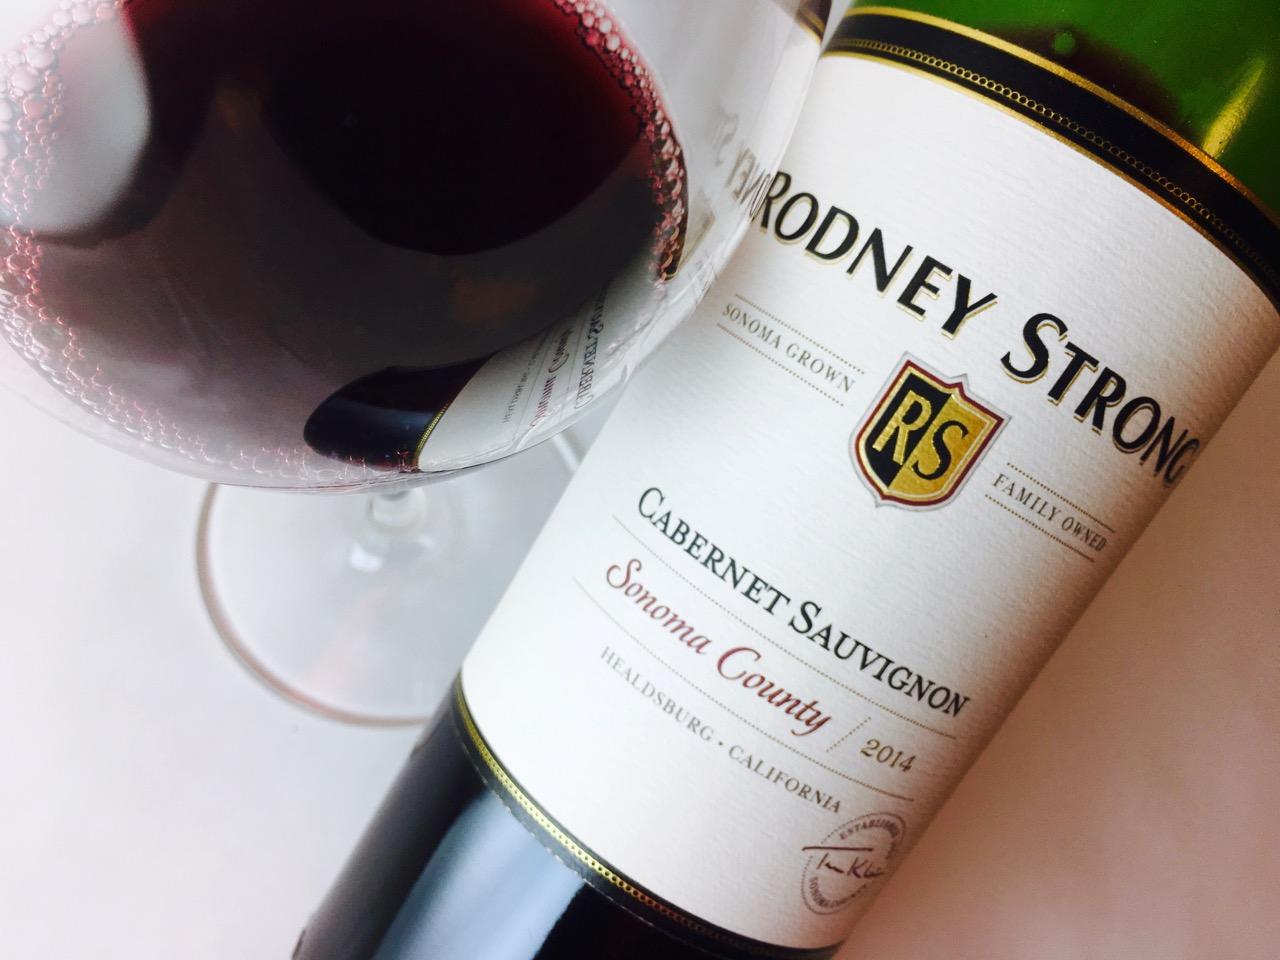 2014 Rodney Strong Cabernet Sauvignon Sonoma County